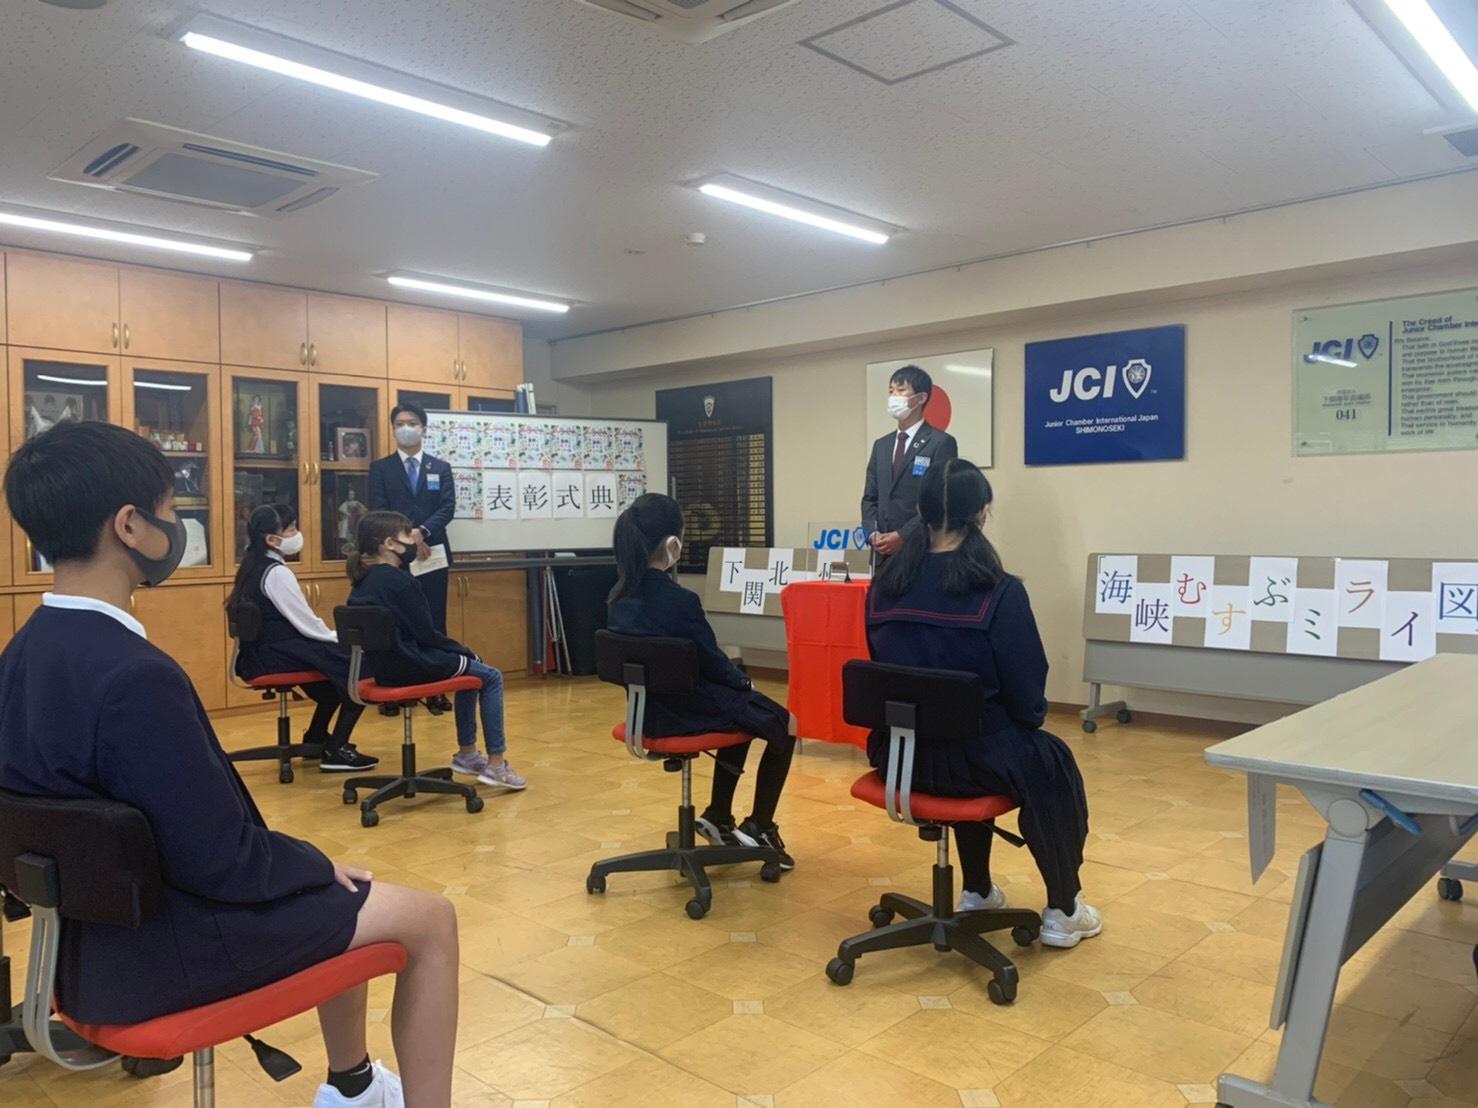 下関北九州道路『海峡むすぶミライ図』絵画受賞者表彰式